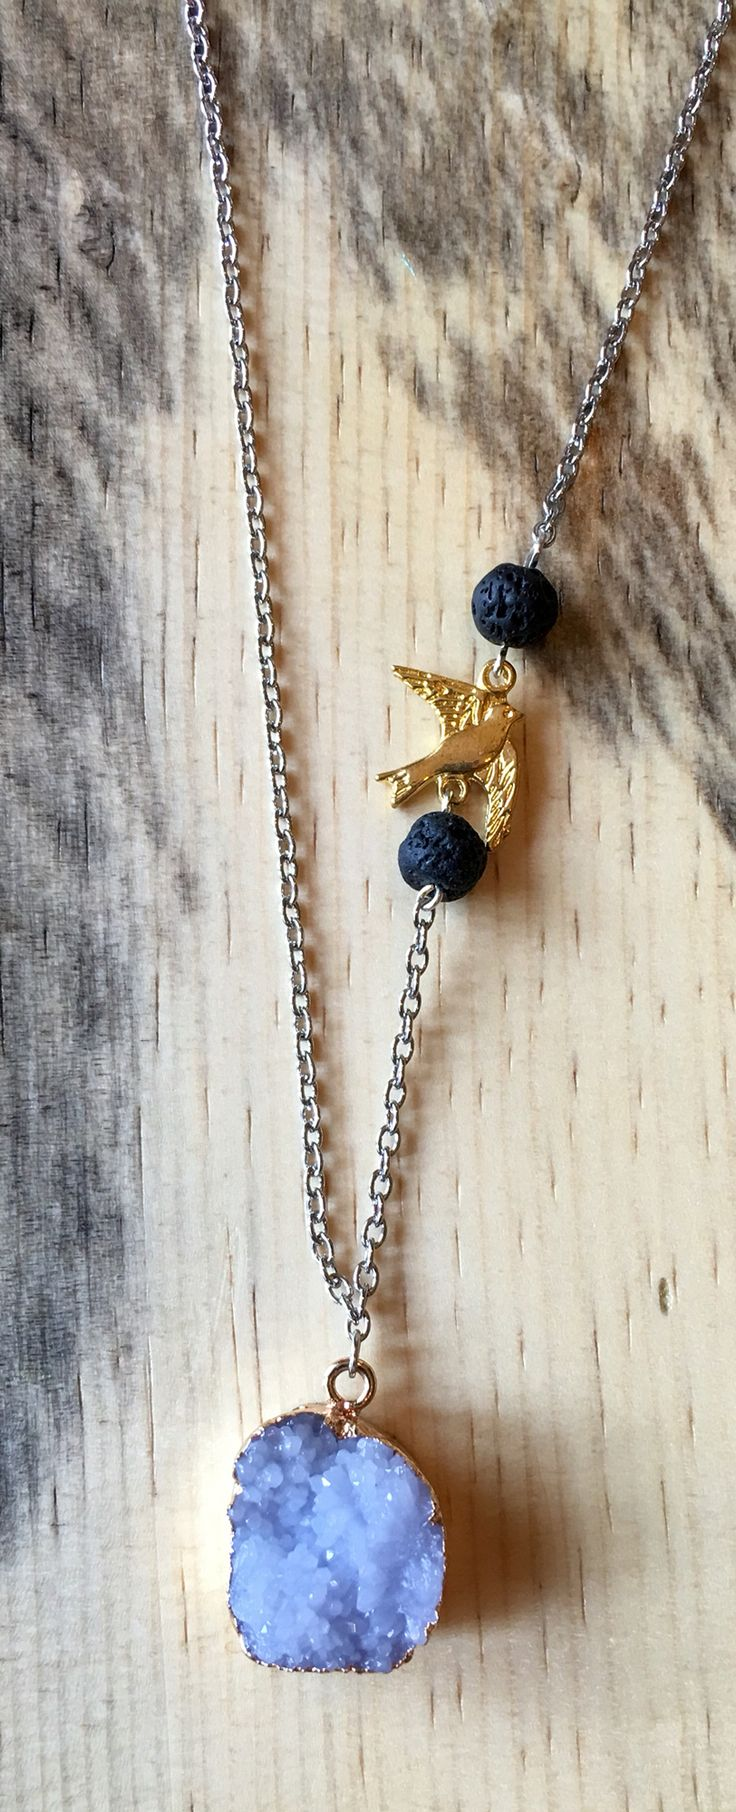 Diffuser jewelry                                                                                                                                                                                 More